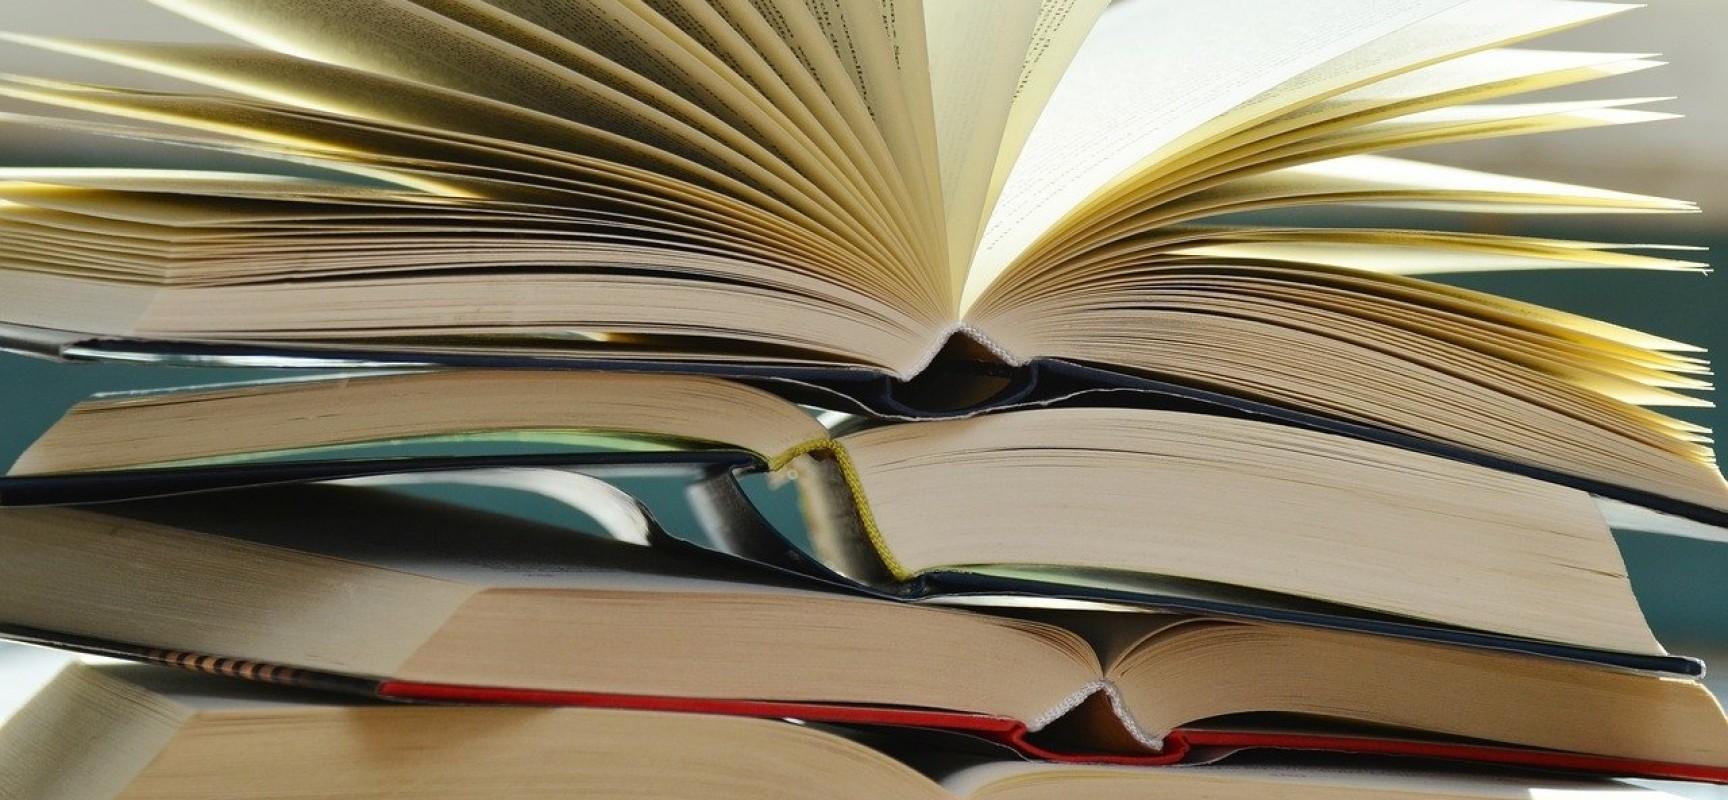 Bücherflohmarkt am 1. Oktober 14 bis 18 Uhr